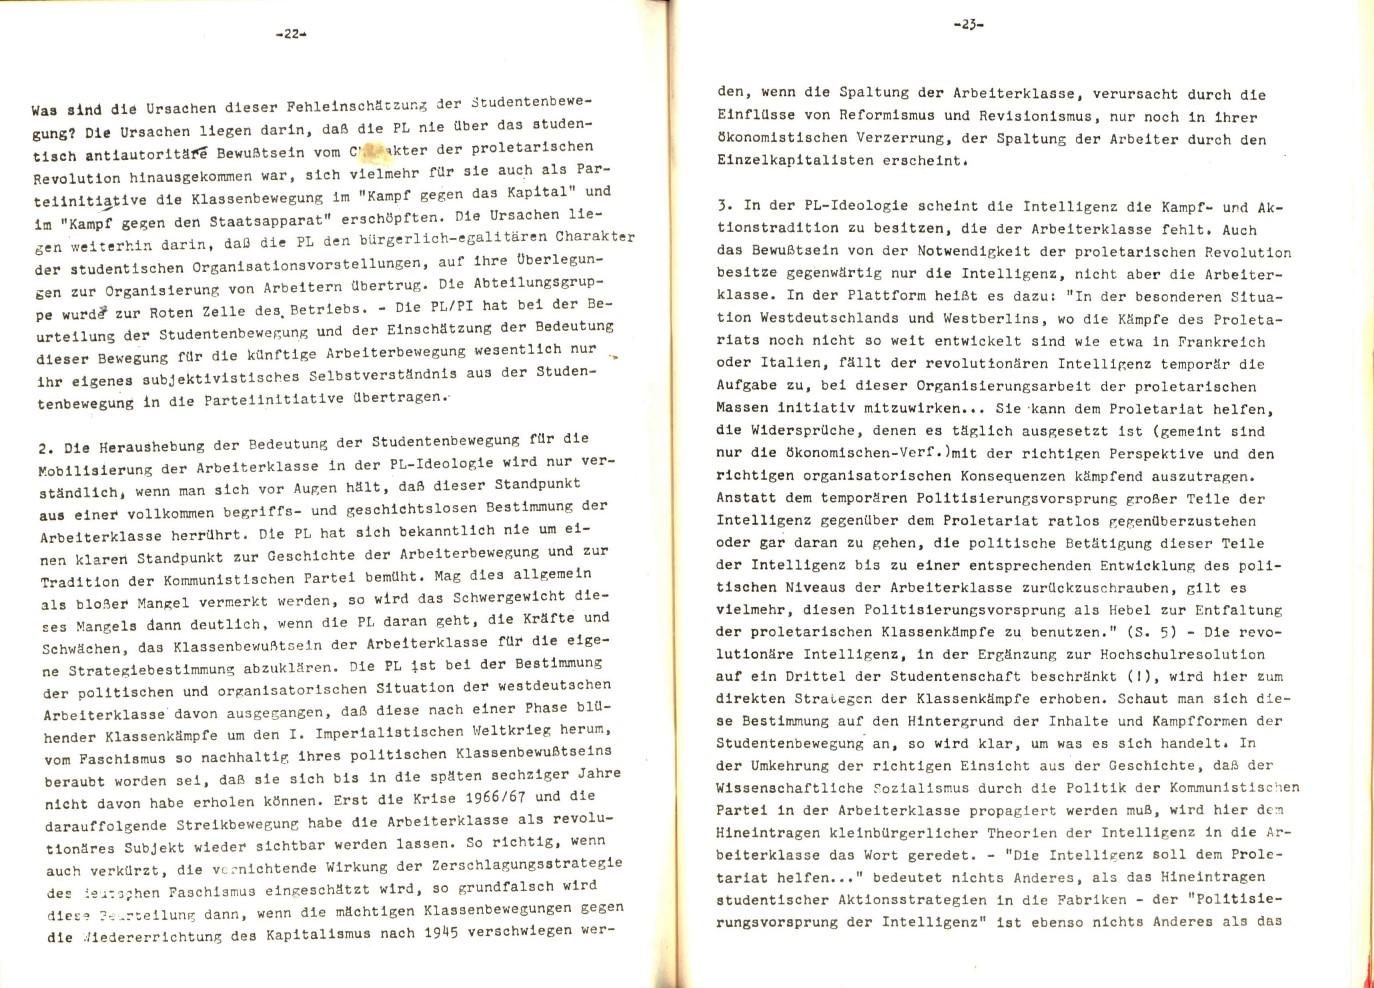 PLPI_1971_Aufloesung_14